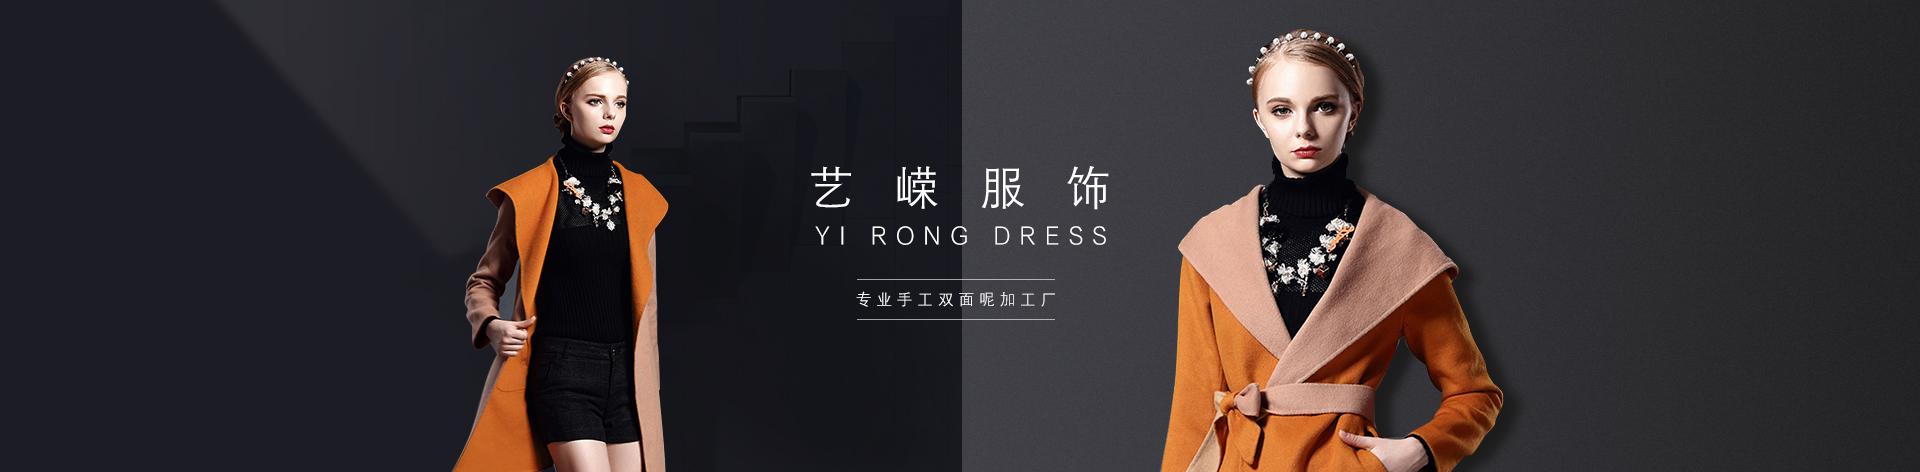 广州艺嵘服饰带帽羊绒大衣